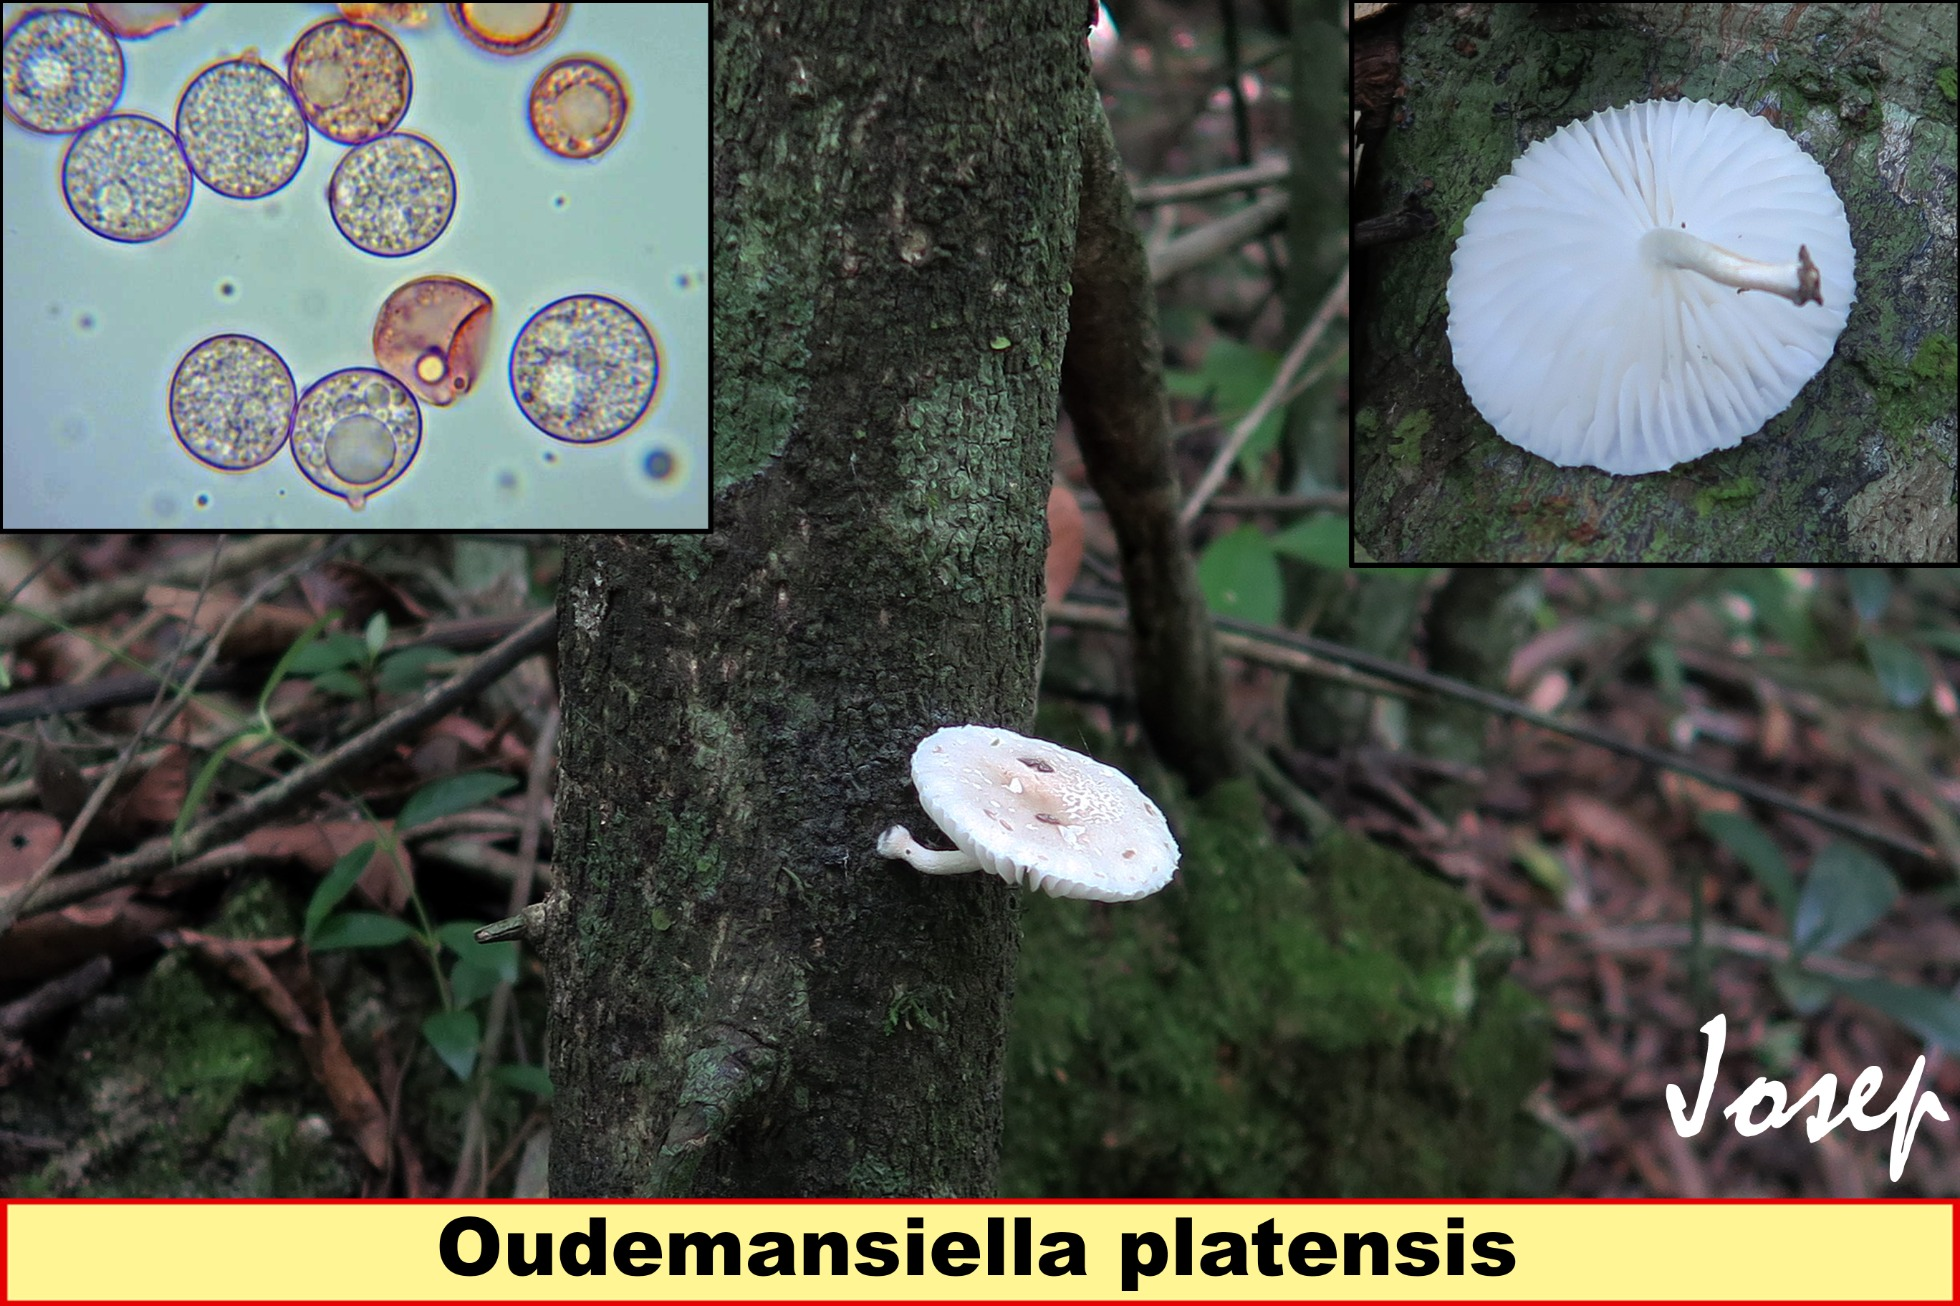 Oudemansiellaplatensis_2021-09-01.jpg